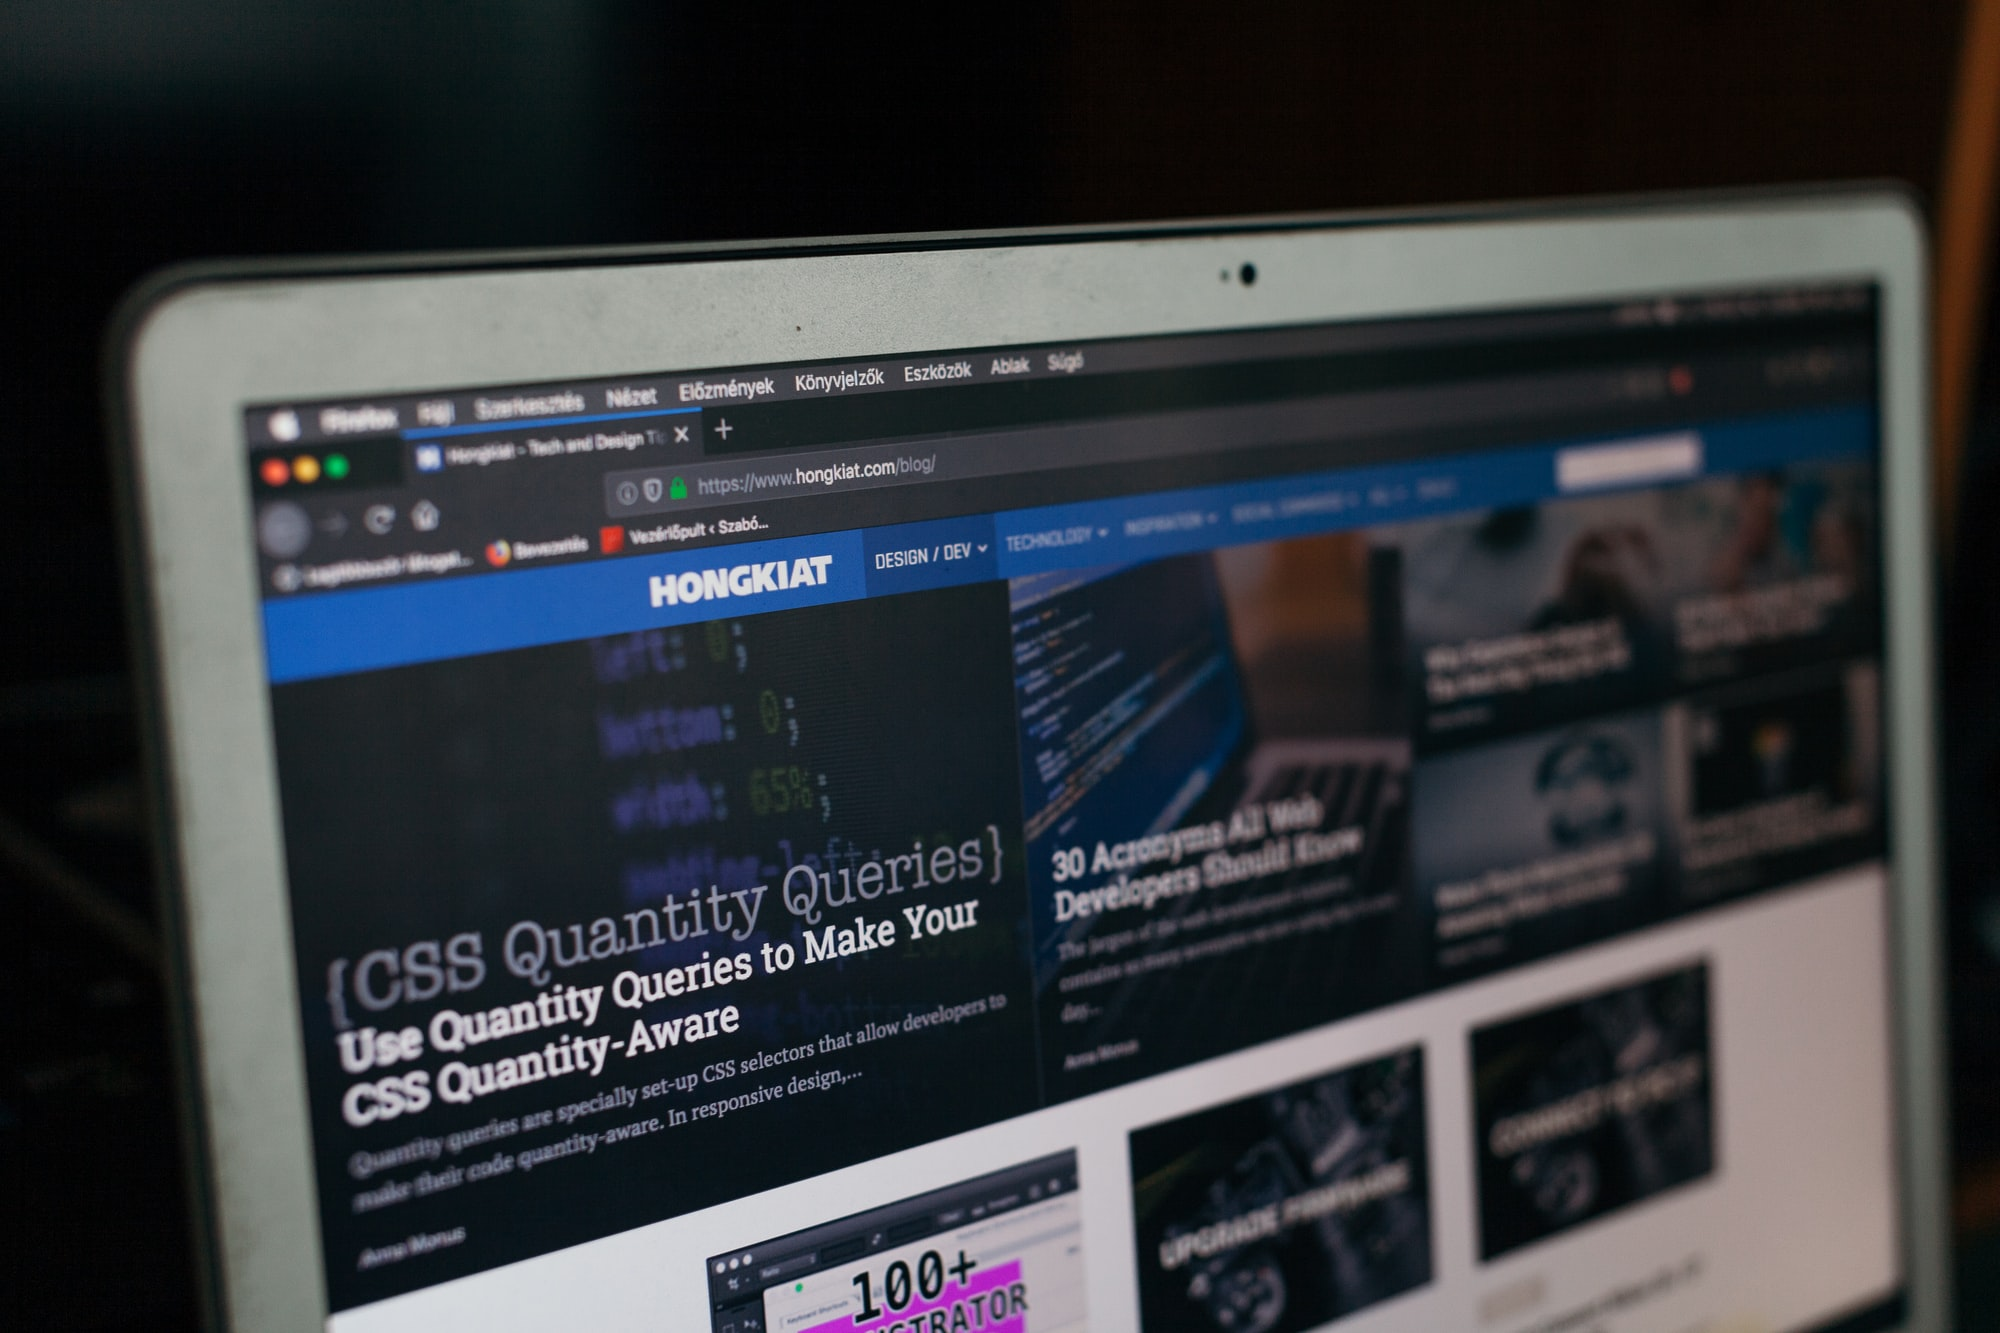 Hongkiat design blog  Print: http://bit.ly/32ds7QL Behance: http://behance.net/szaboviktor Blog: https://blog.szaboviktor.com  Support: https://www.paypal.me/szaboviktor  My presets: https://bit.ly/2TyvzRK